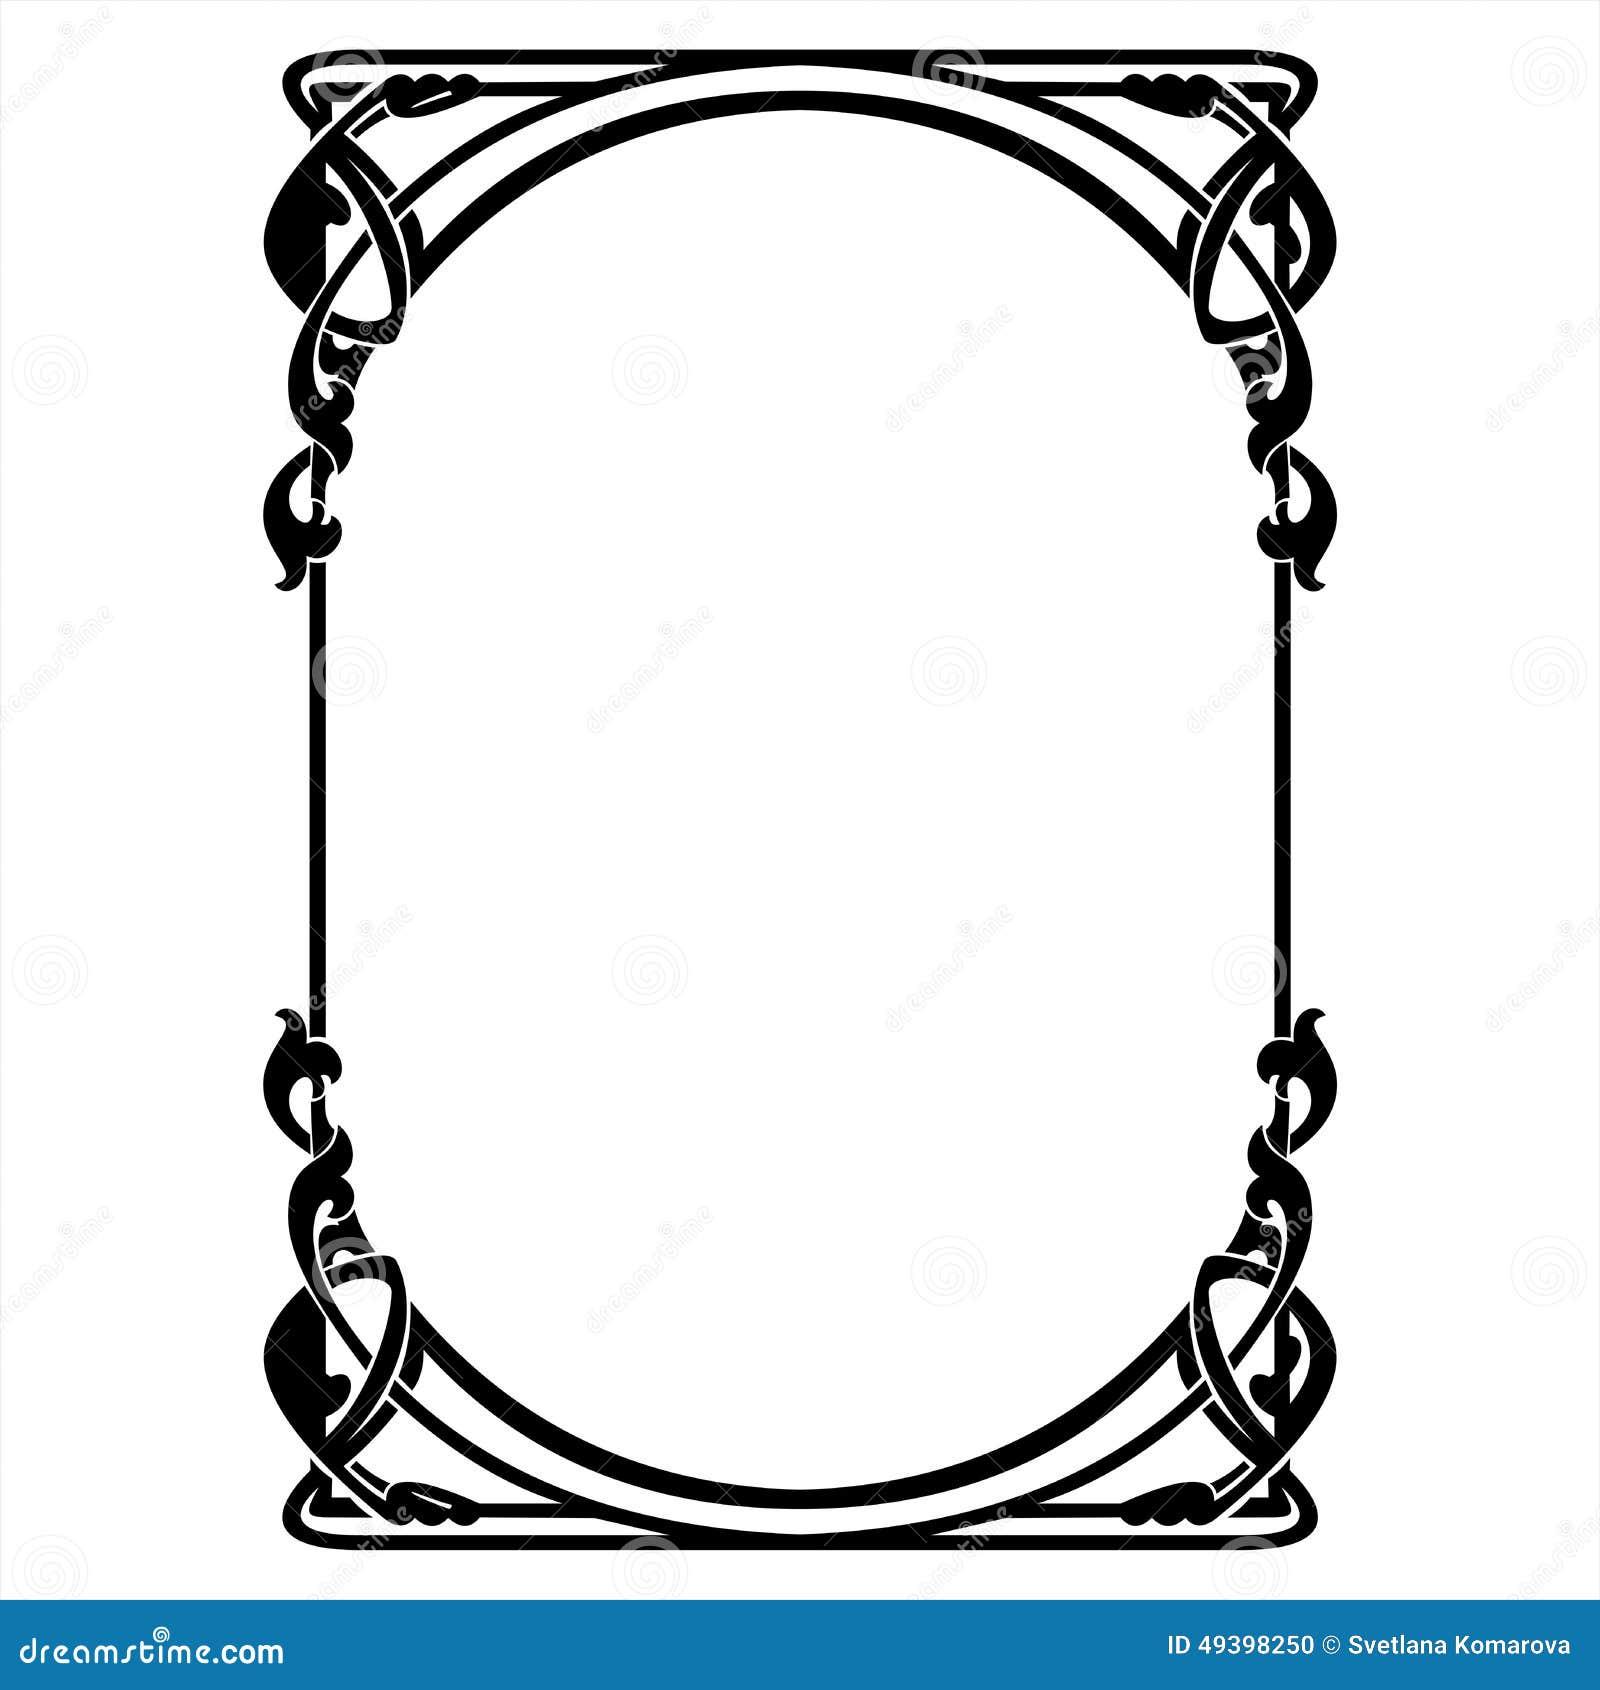 Art deco ornaments - Rectangular Decorative Frame With Art Nouveau Ornament